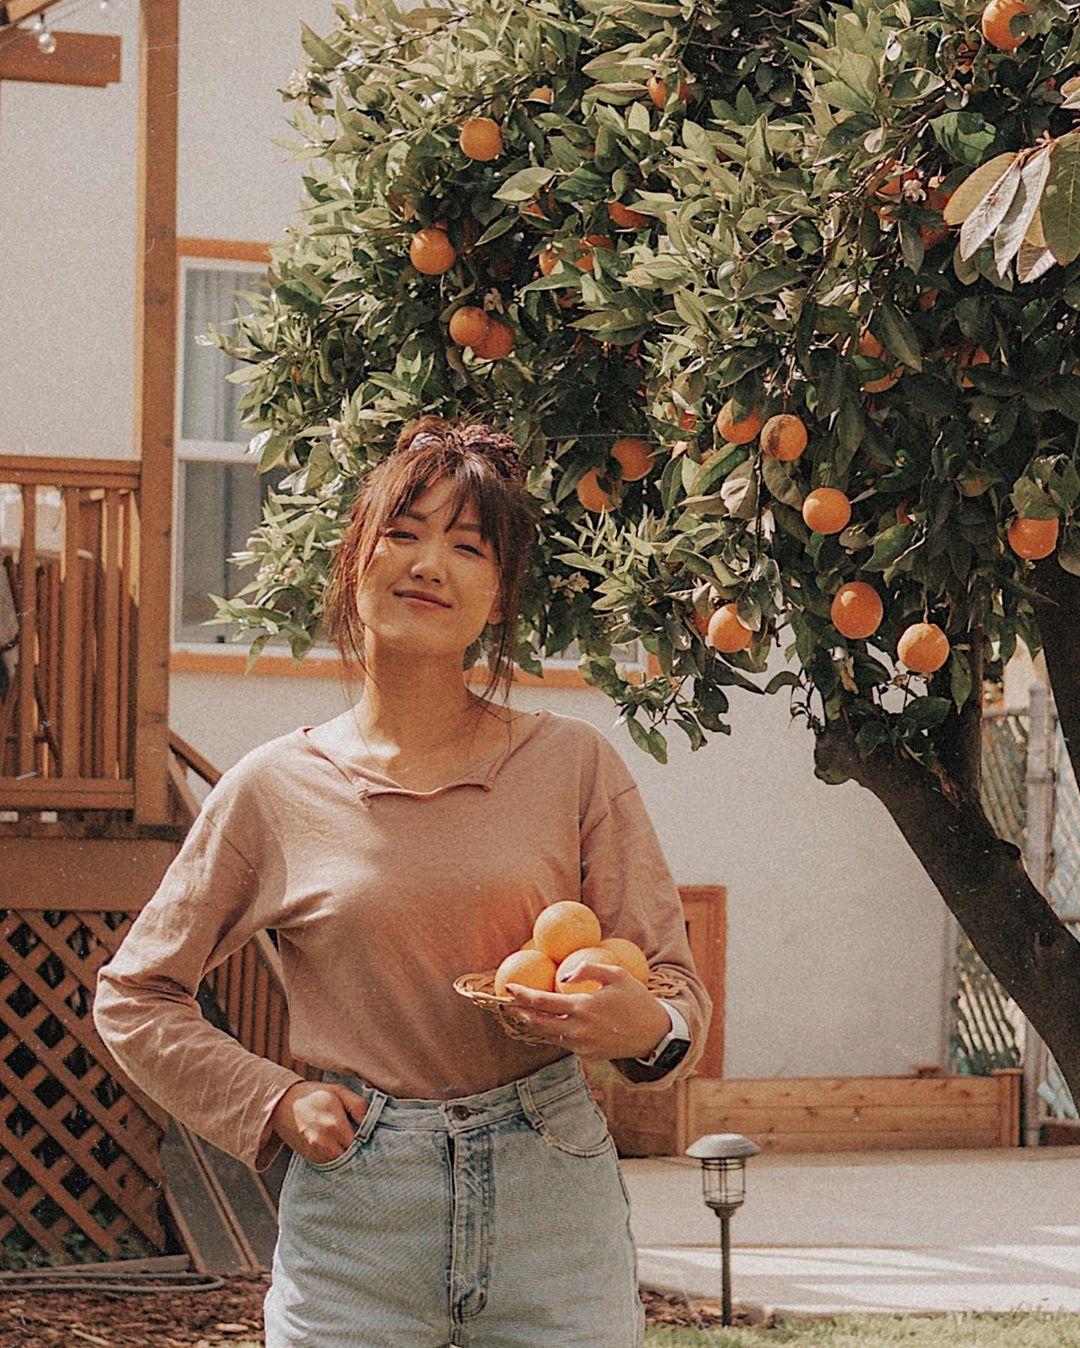 cô gái mặc áo nâu quần jean phong cách thời trang cottagecore trong vườn cam